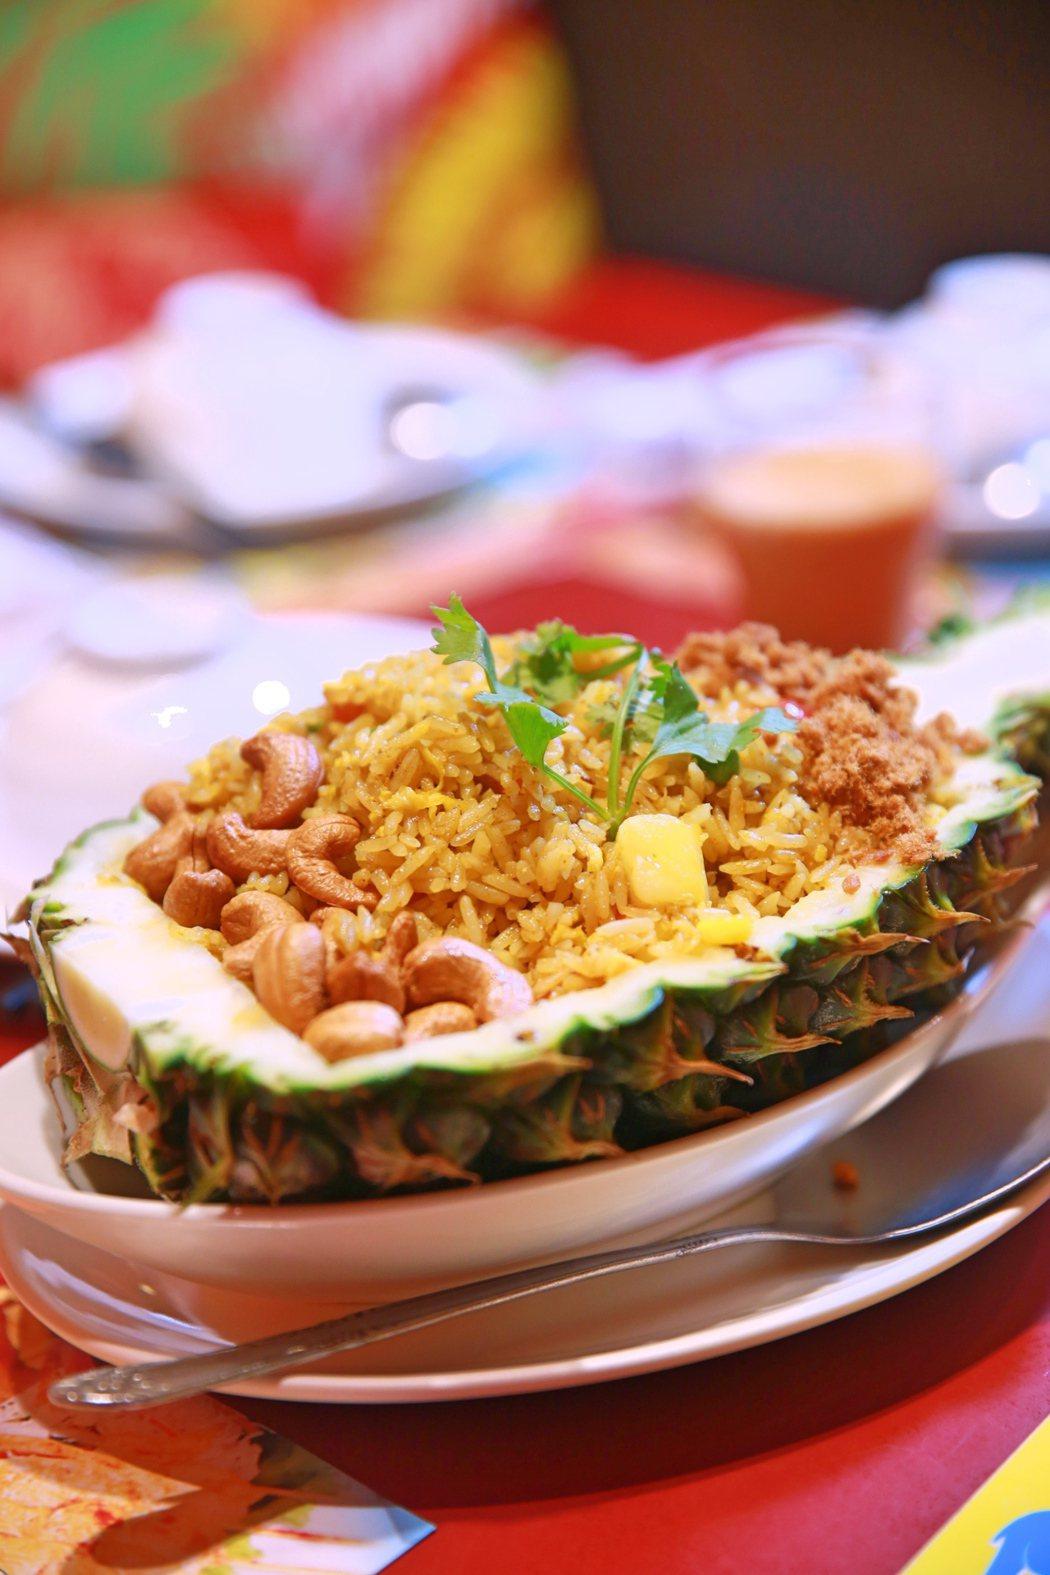 鳳梨炒飯。 張傑/攝影